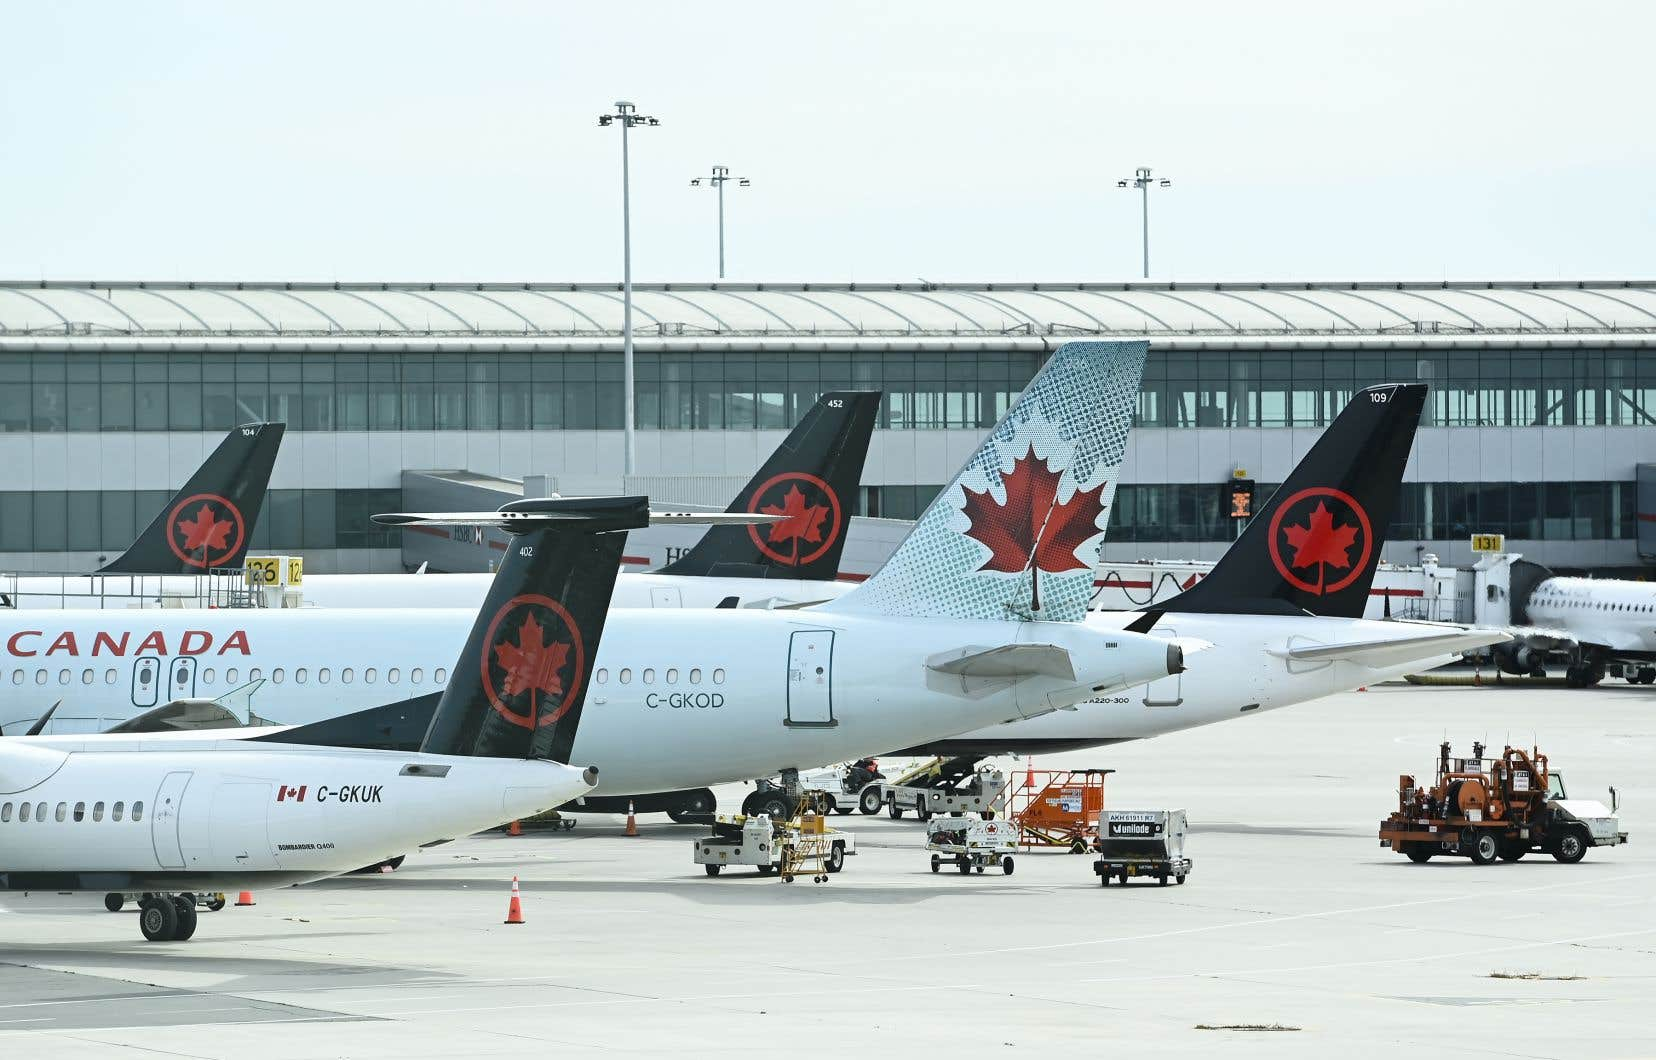 Ottawa a mis le remboursement des voyageurs sur la table comme une condition-clé en échange d'un allégement financier pour les compagnies aériennes, en plus de demander aux transporteurs de maintenir les routes régionales.